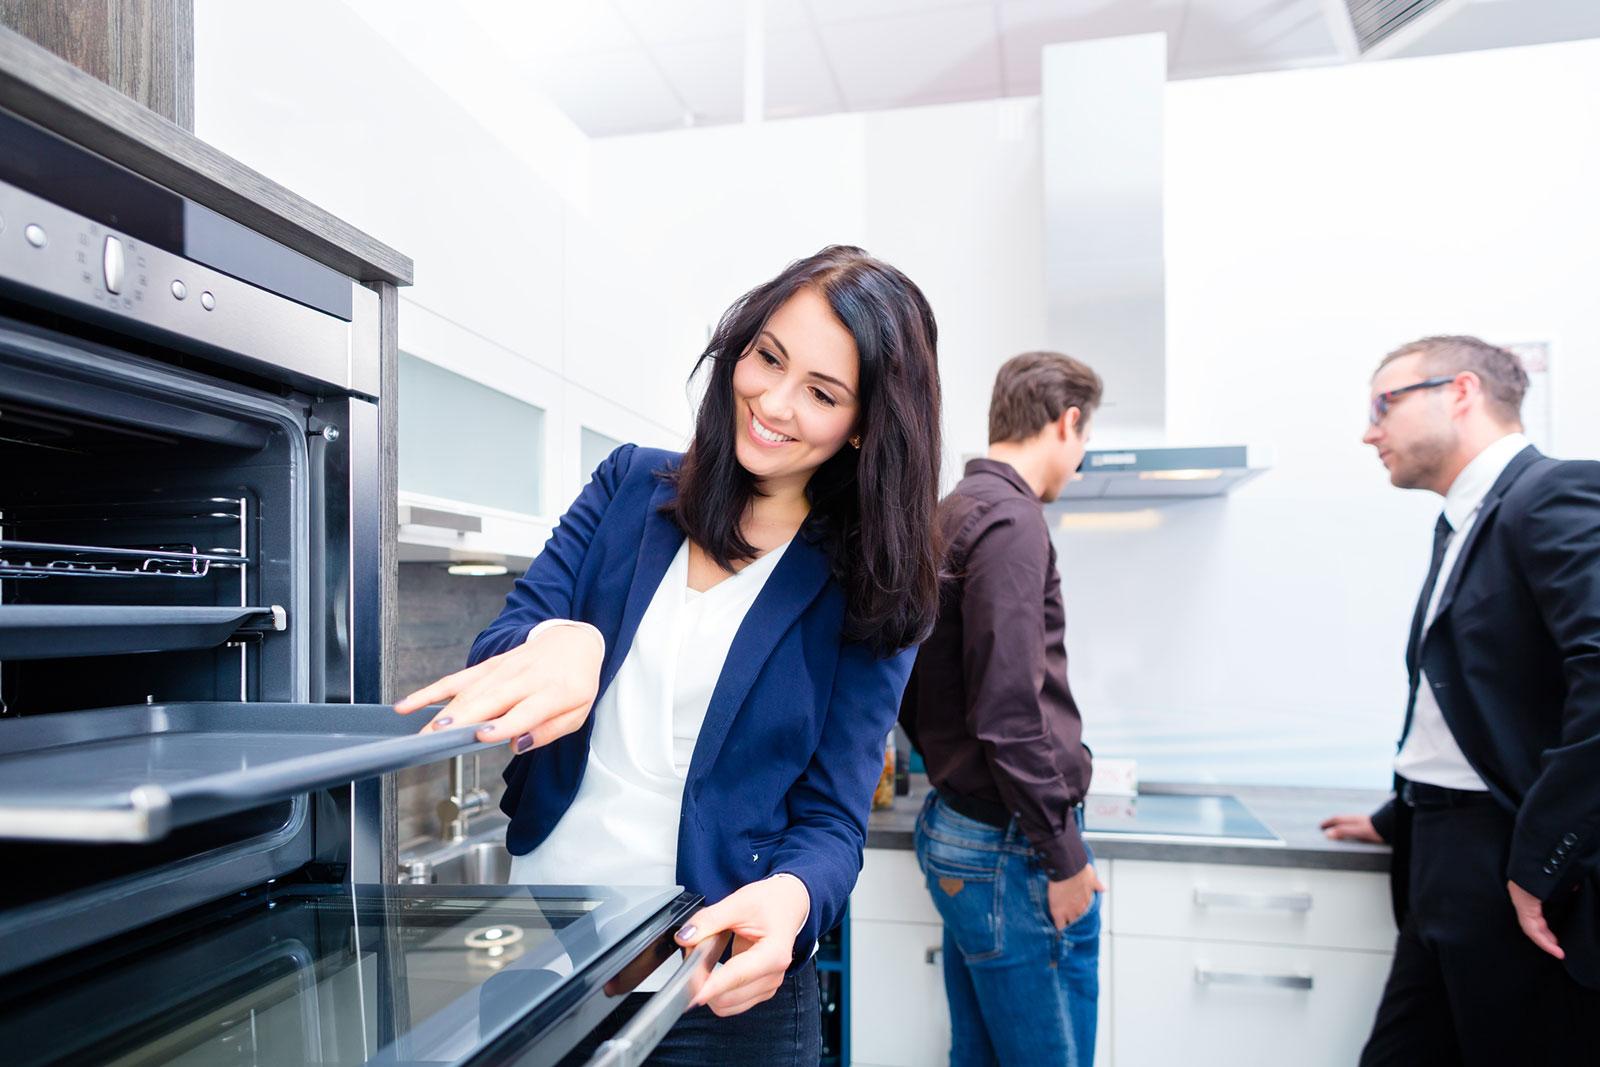 Expertenrat: Im Küchenstudio kannst du dir nicht nur die neuesten Trends und Geräte anschauen, sondern wirst auch fachkundig beraten.